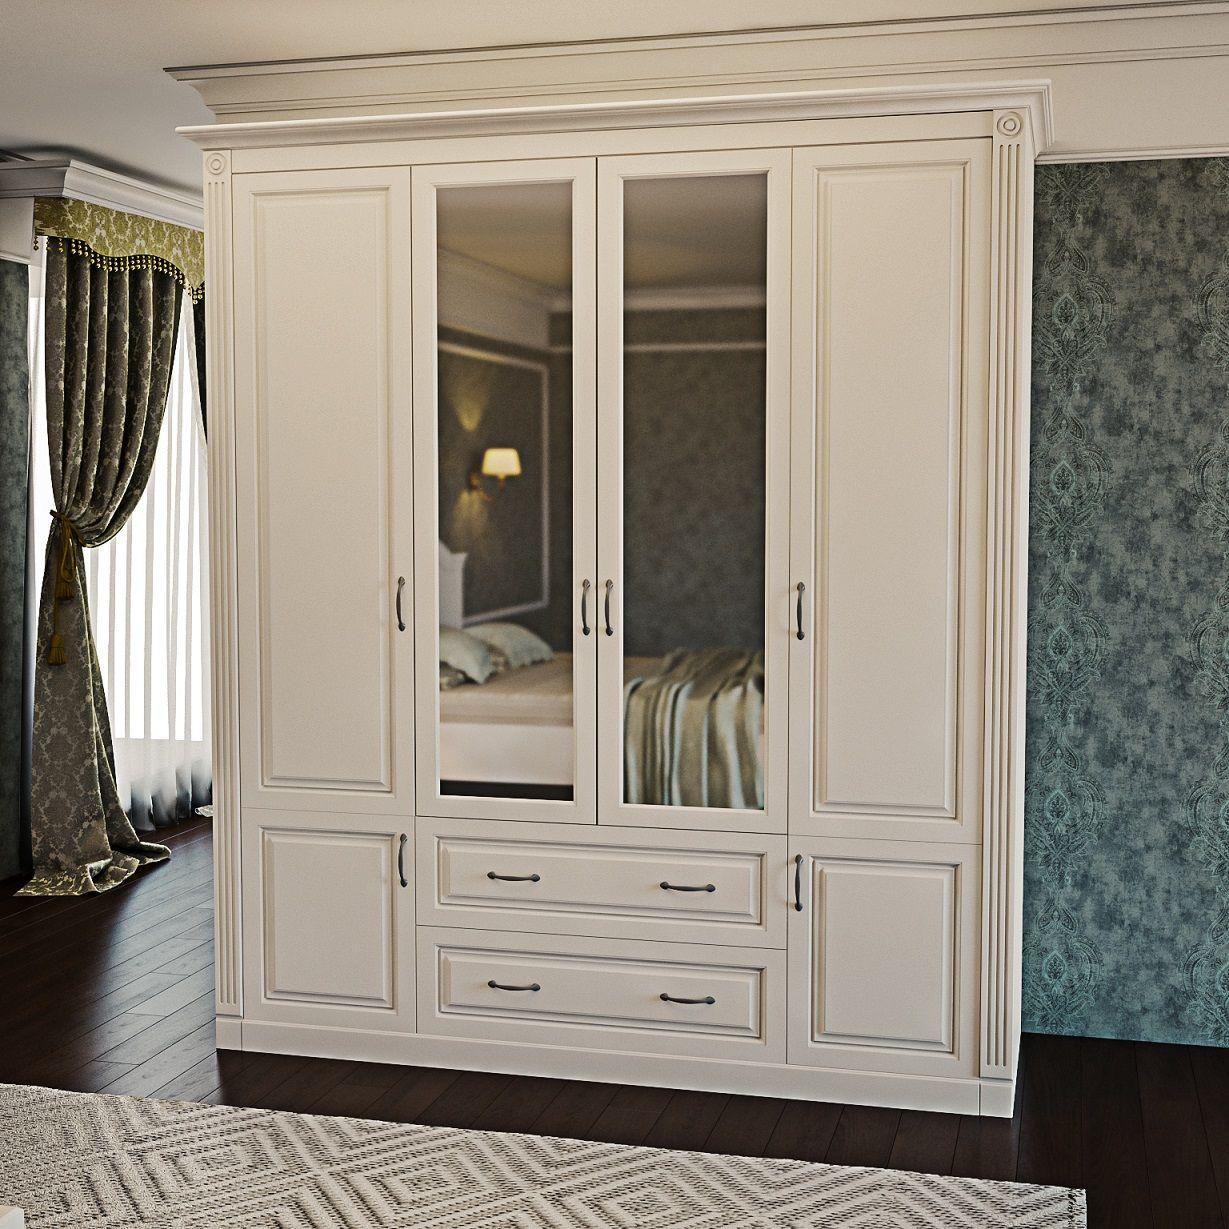 Шкафы классика с распашными дверями или шкафы купе? Как выбрать